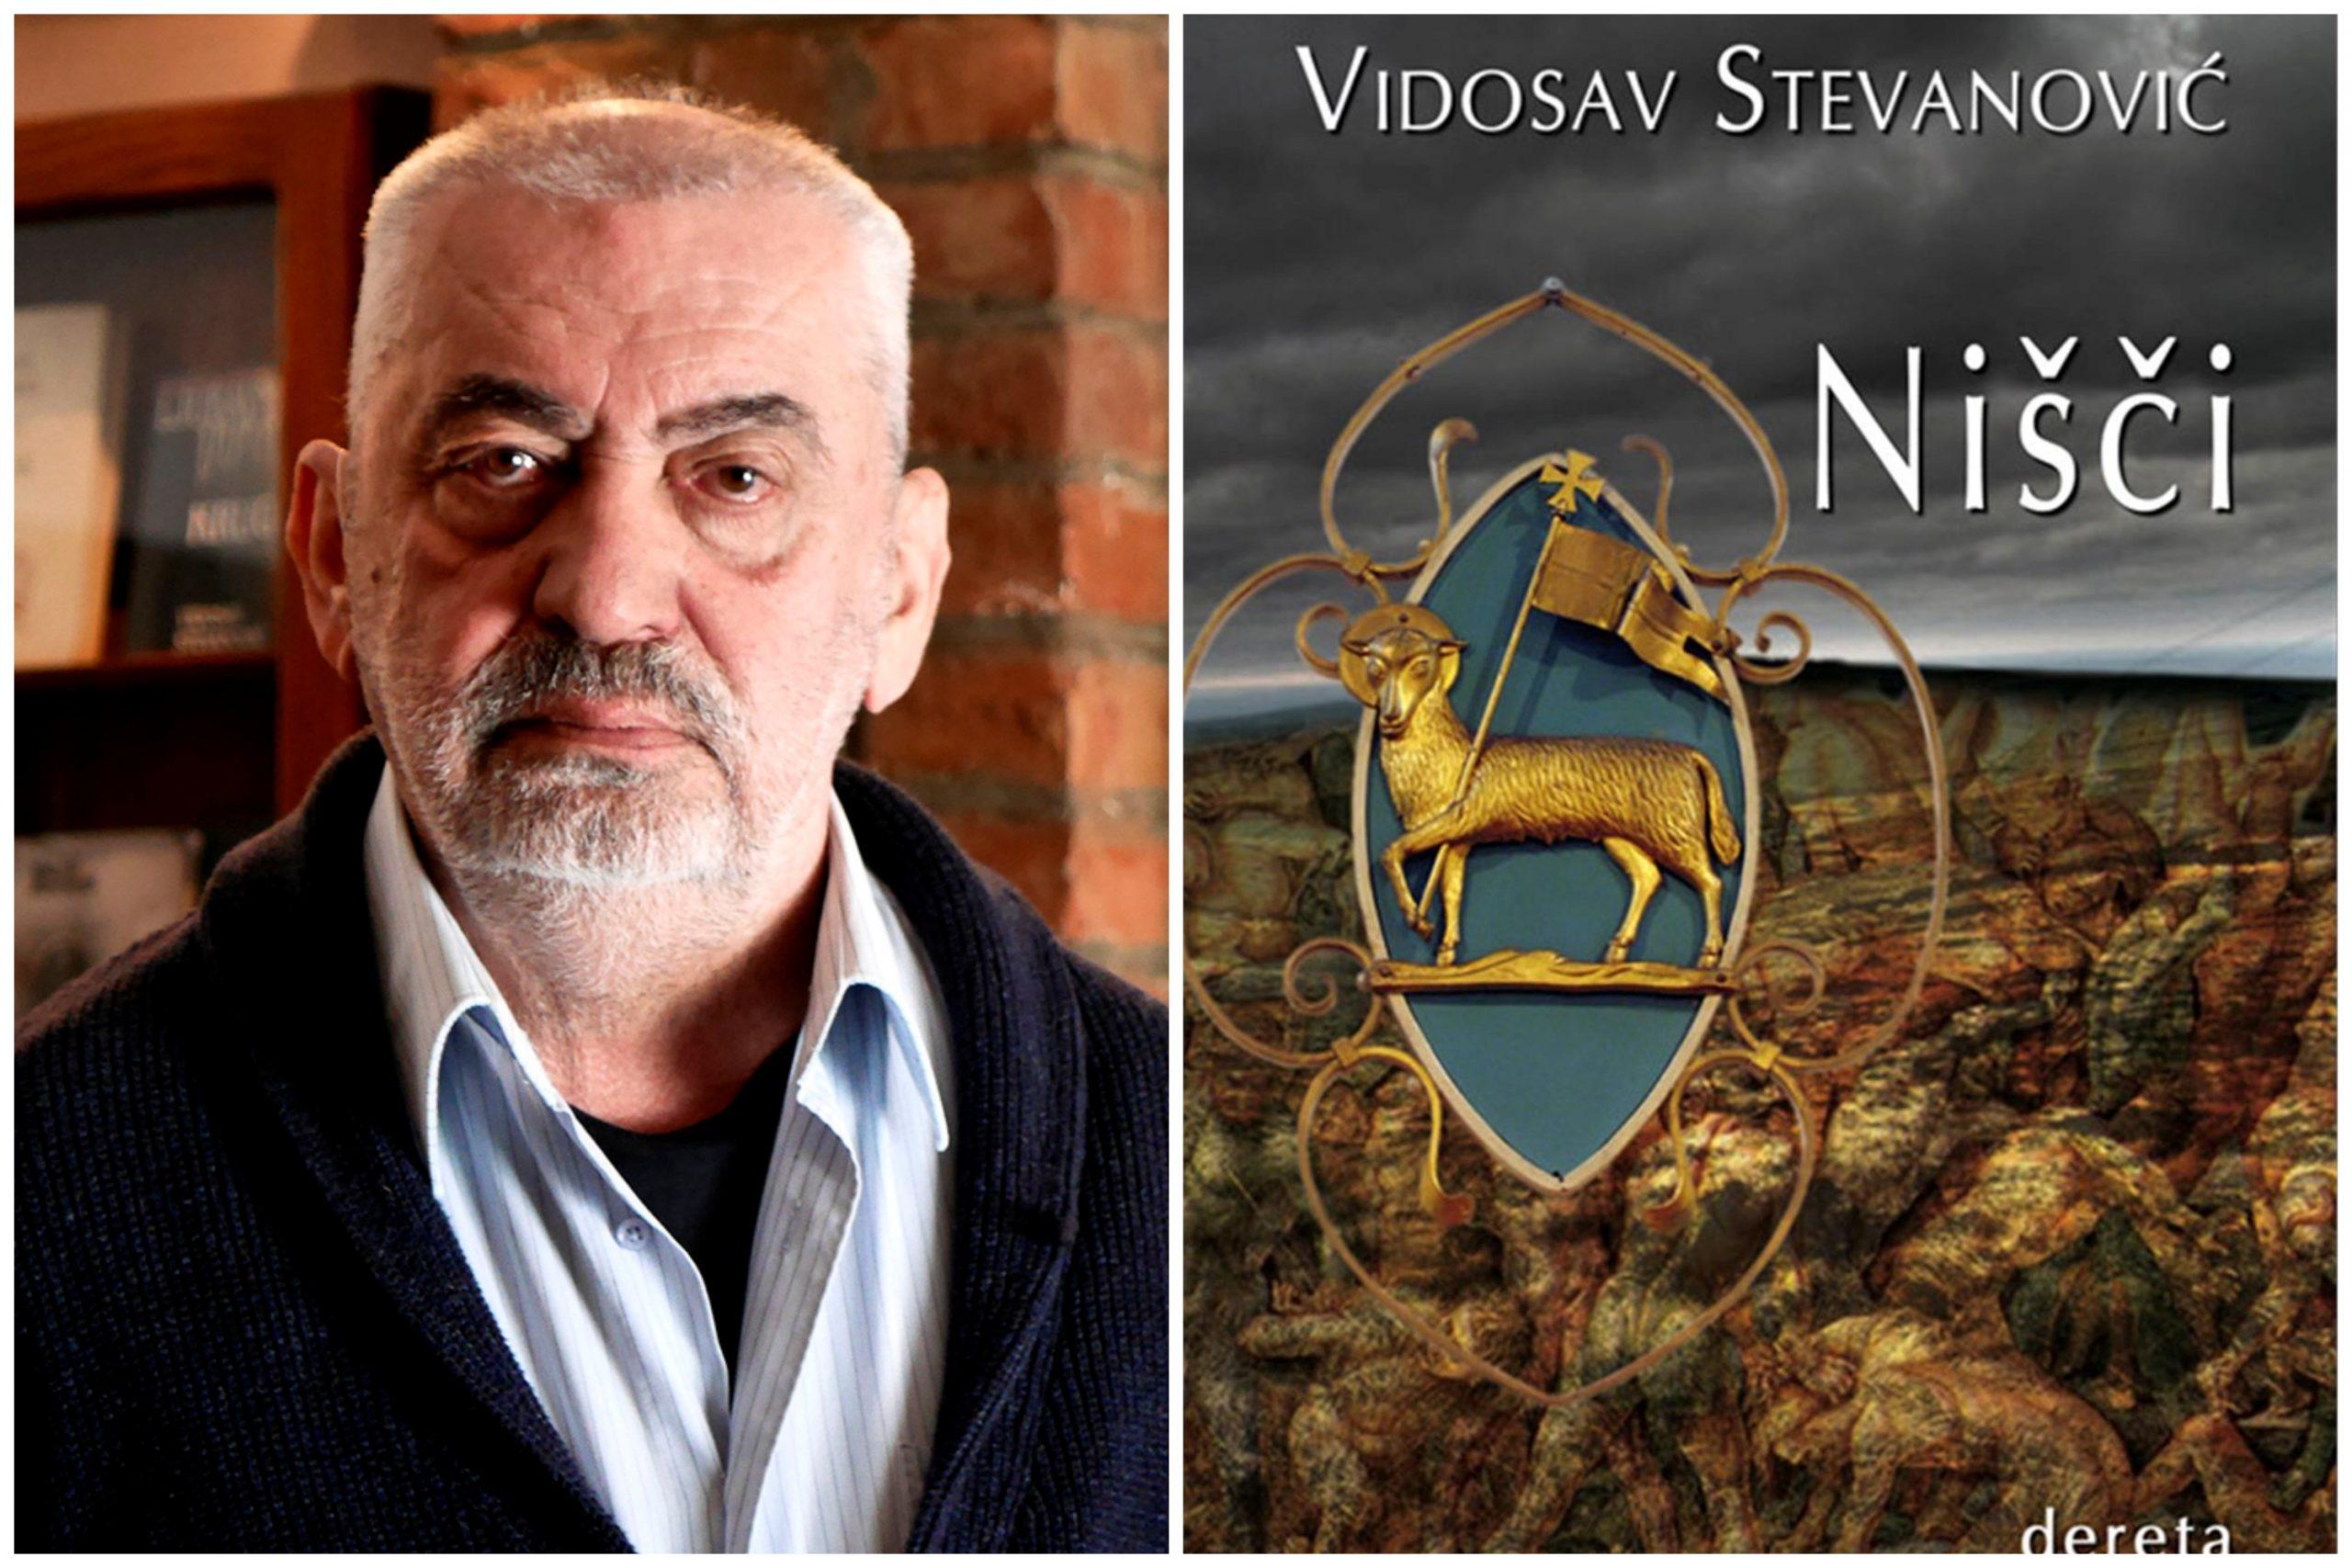 Vidosav Stevanović, Nišči